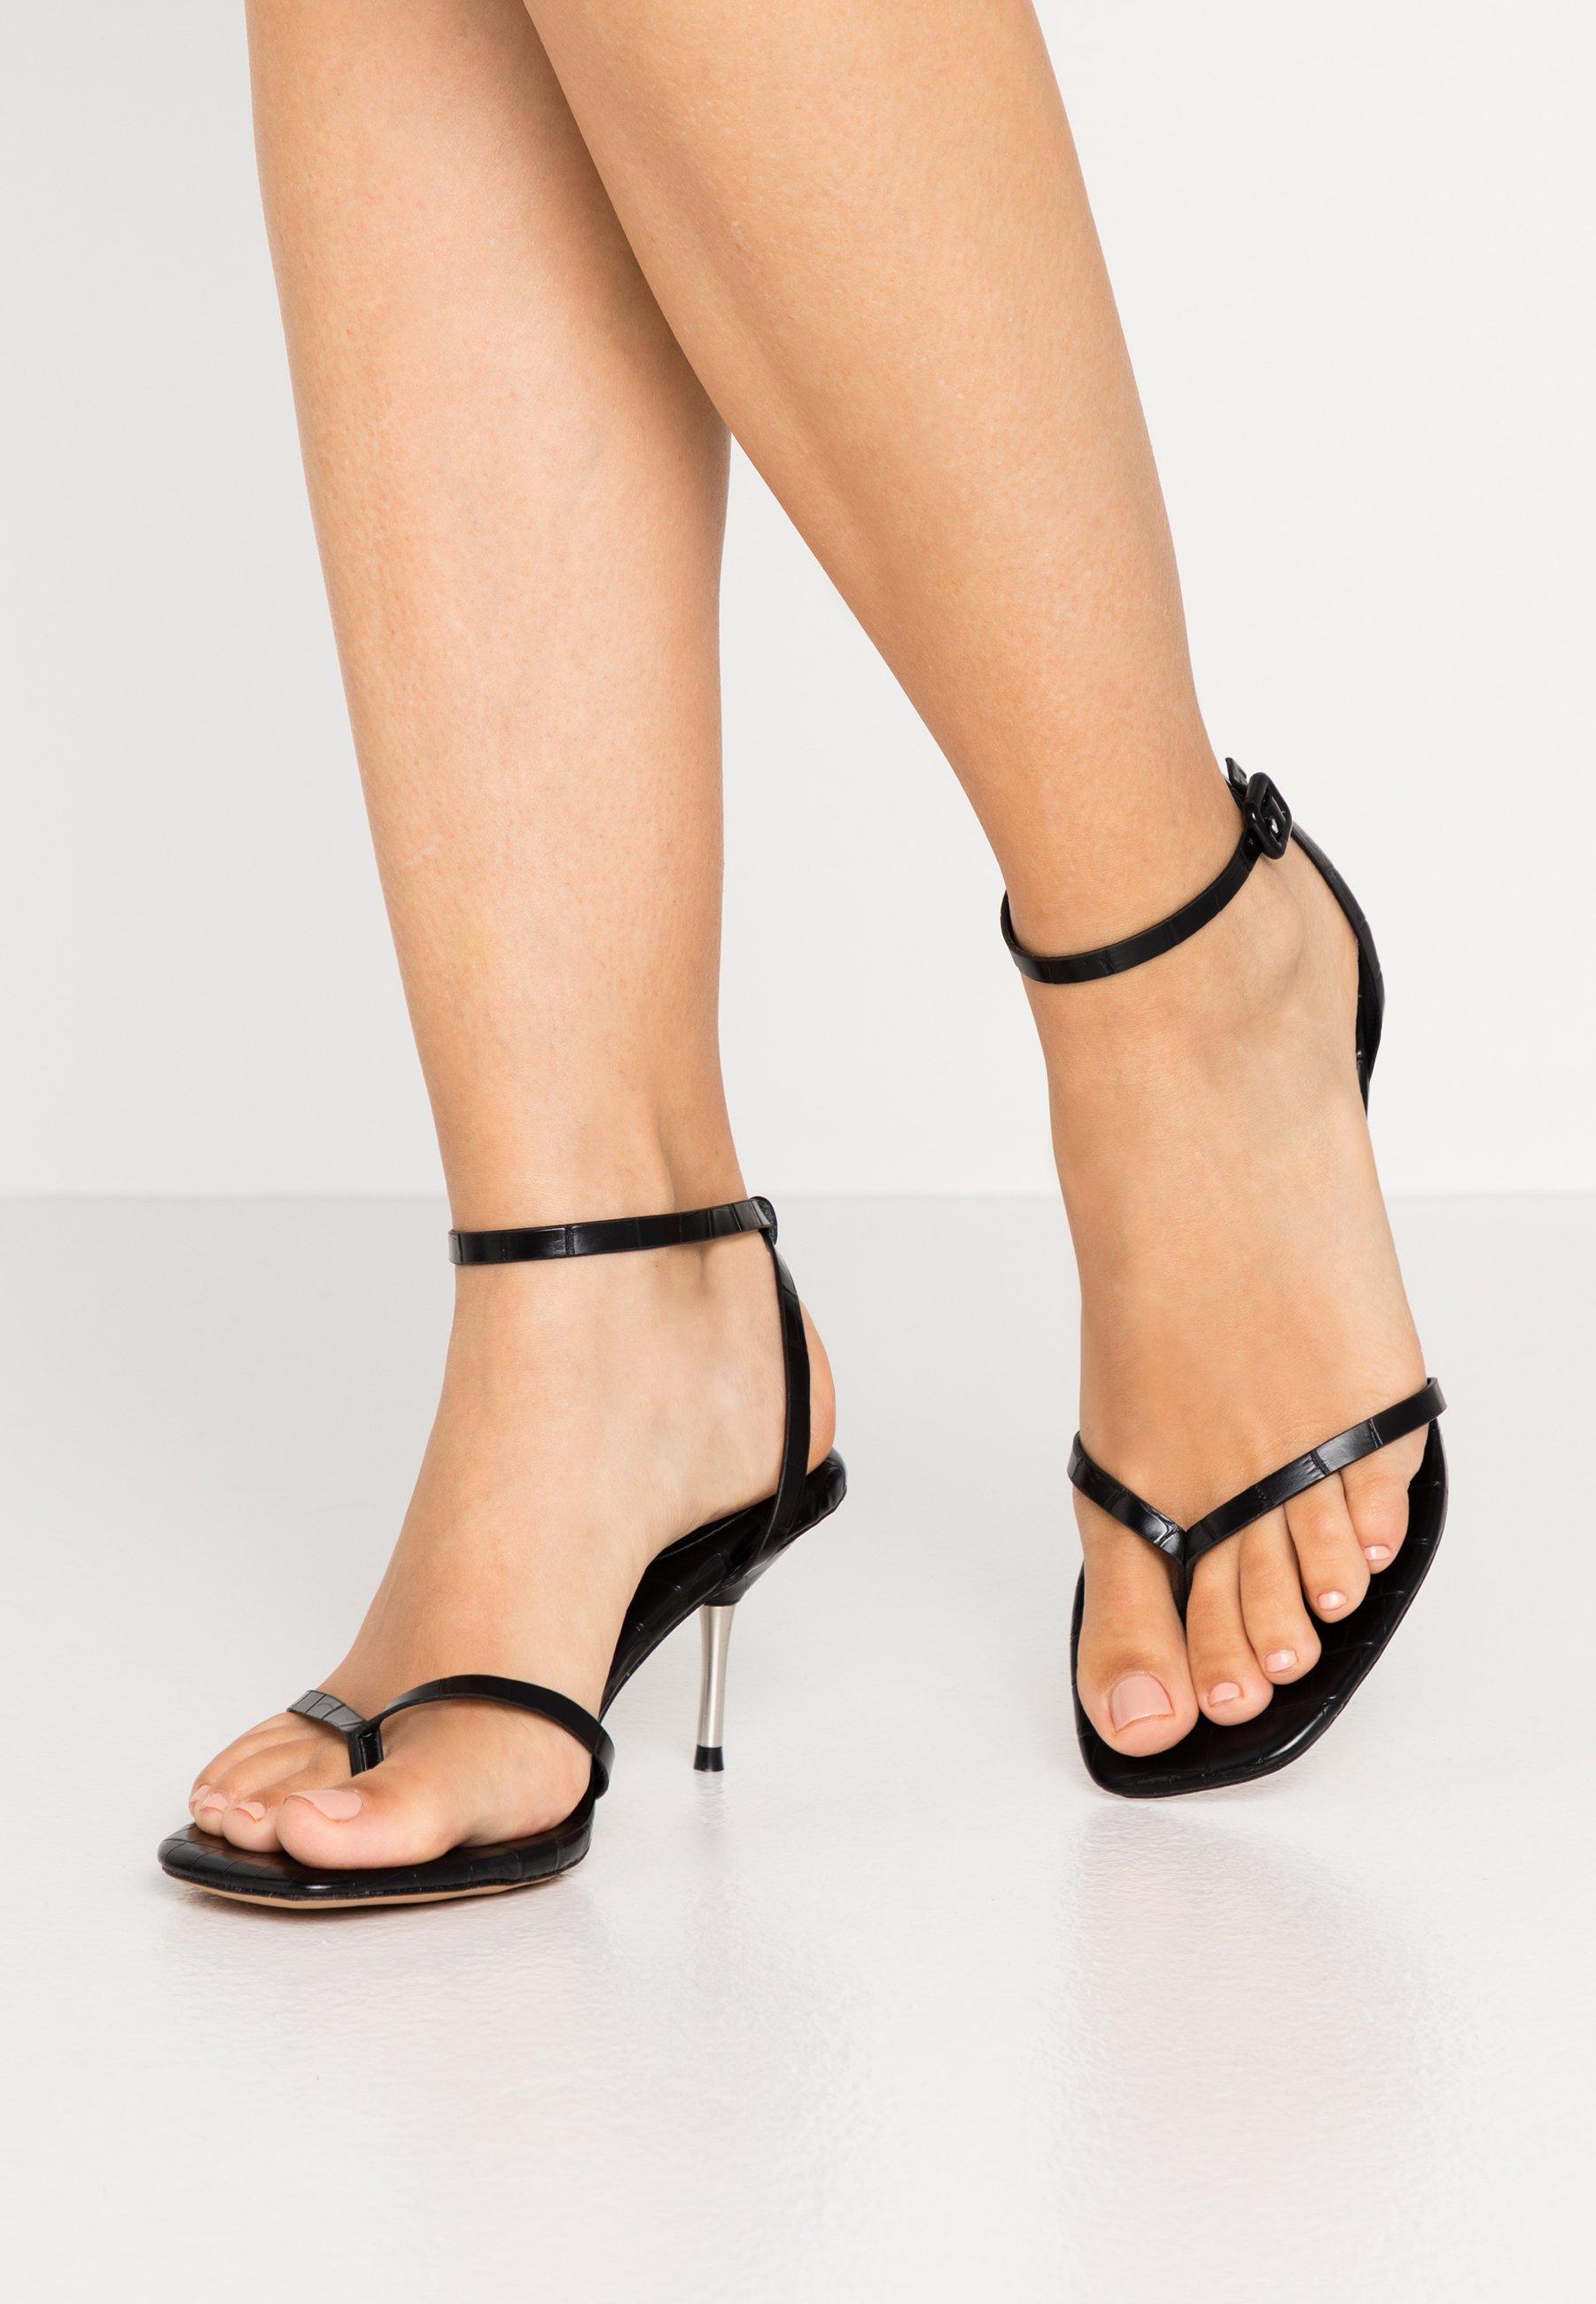 Musta Keinonahka 12,5 cm EVE 02 suuret koot sandaalit naisten